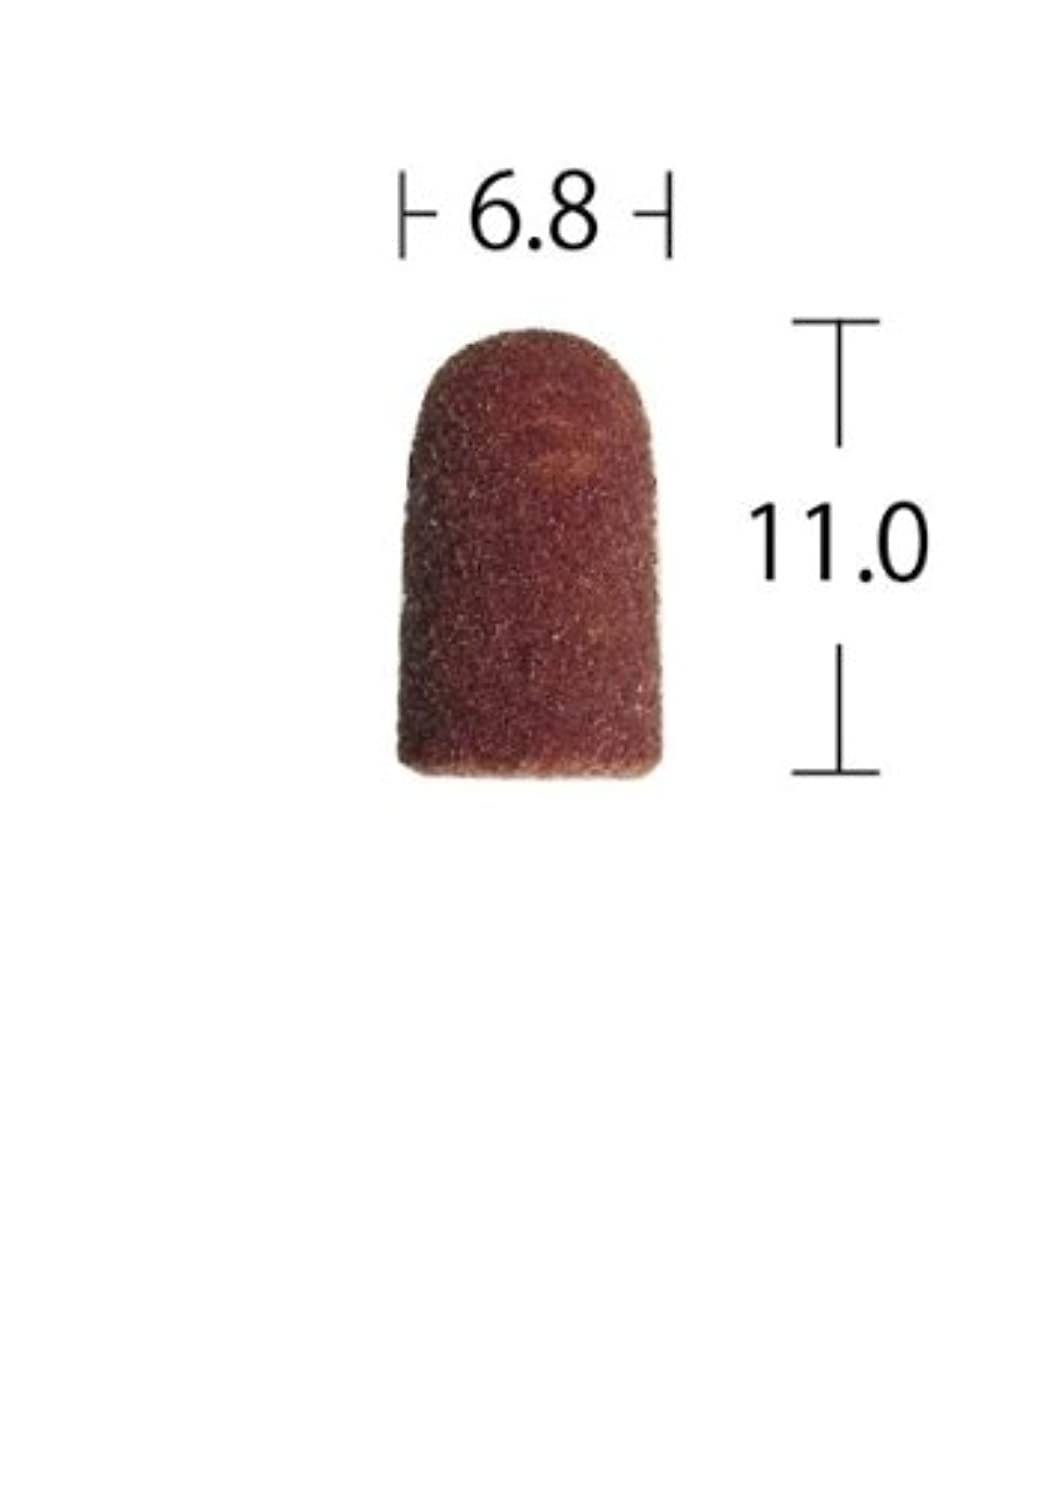 キャップサンダー 細目#150 b-5F 直径 5mm 3個入